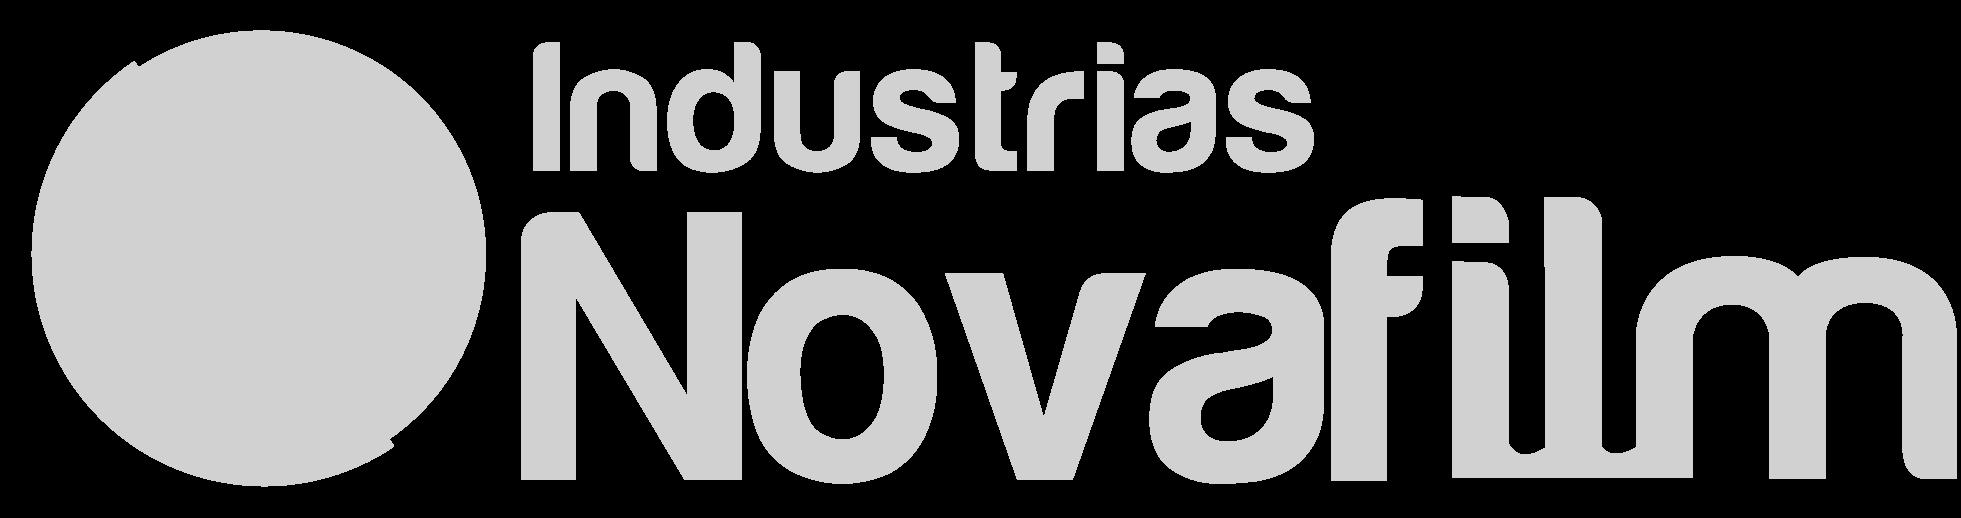 novafilm-logo-grey